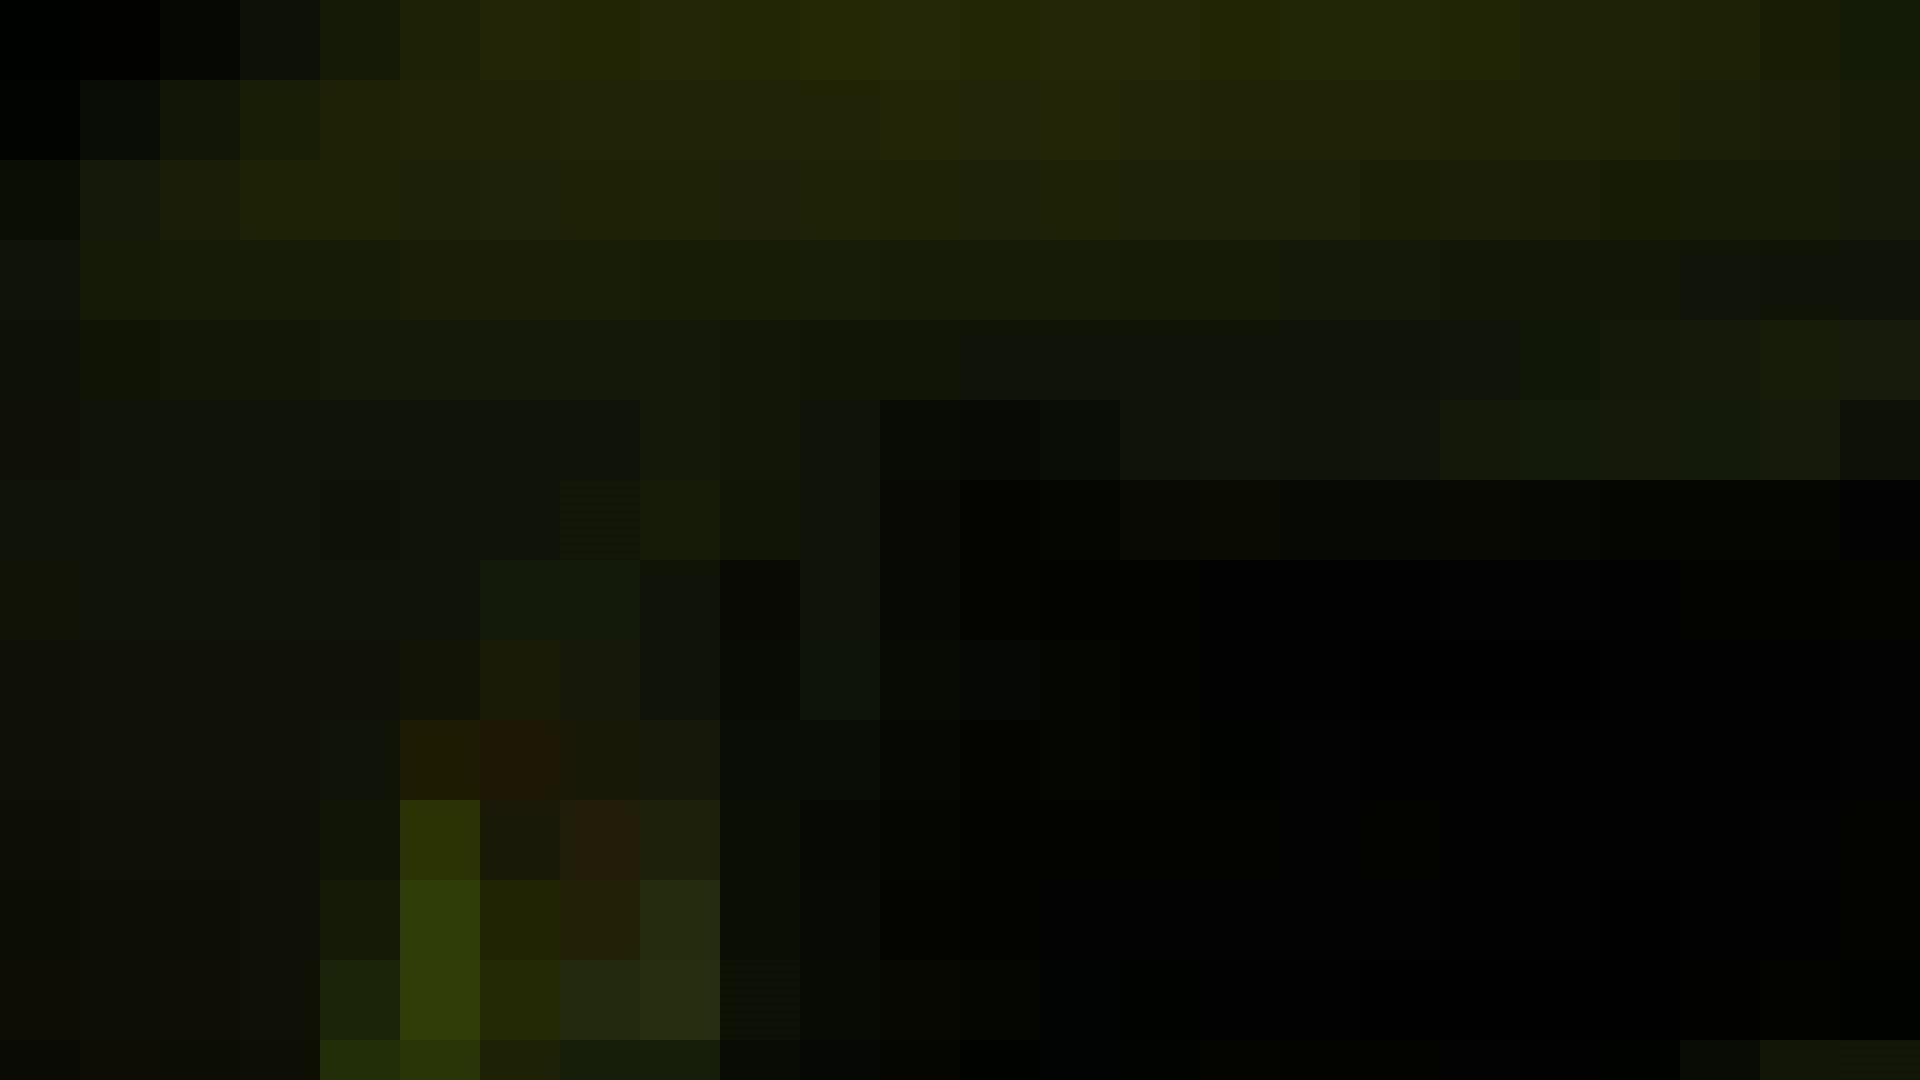 阿国ちゃんの「和式洋式七変化」No.18 iBO(フタコブ) 和式 盗撮 110PIX 83